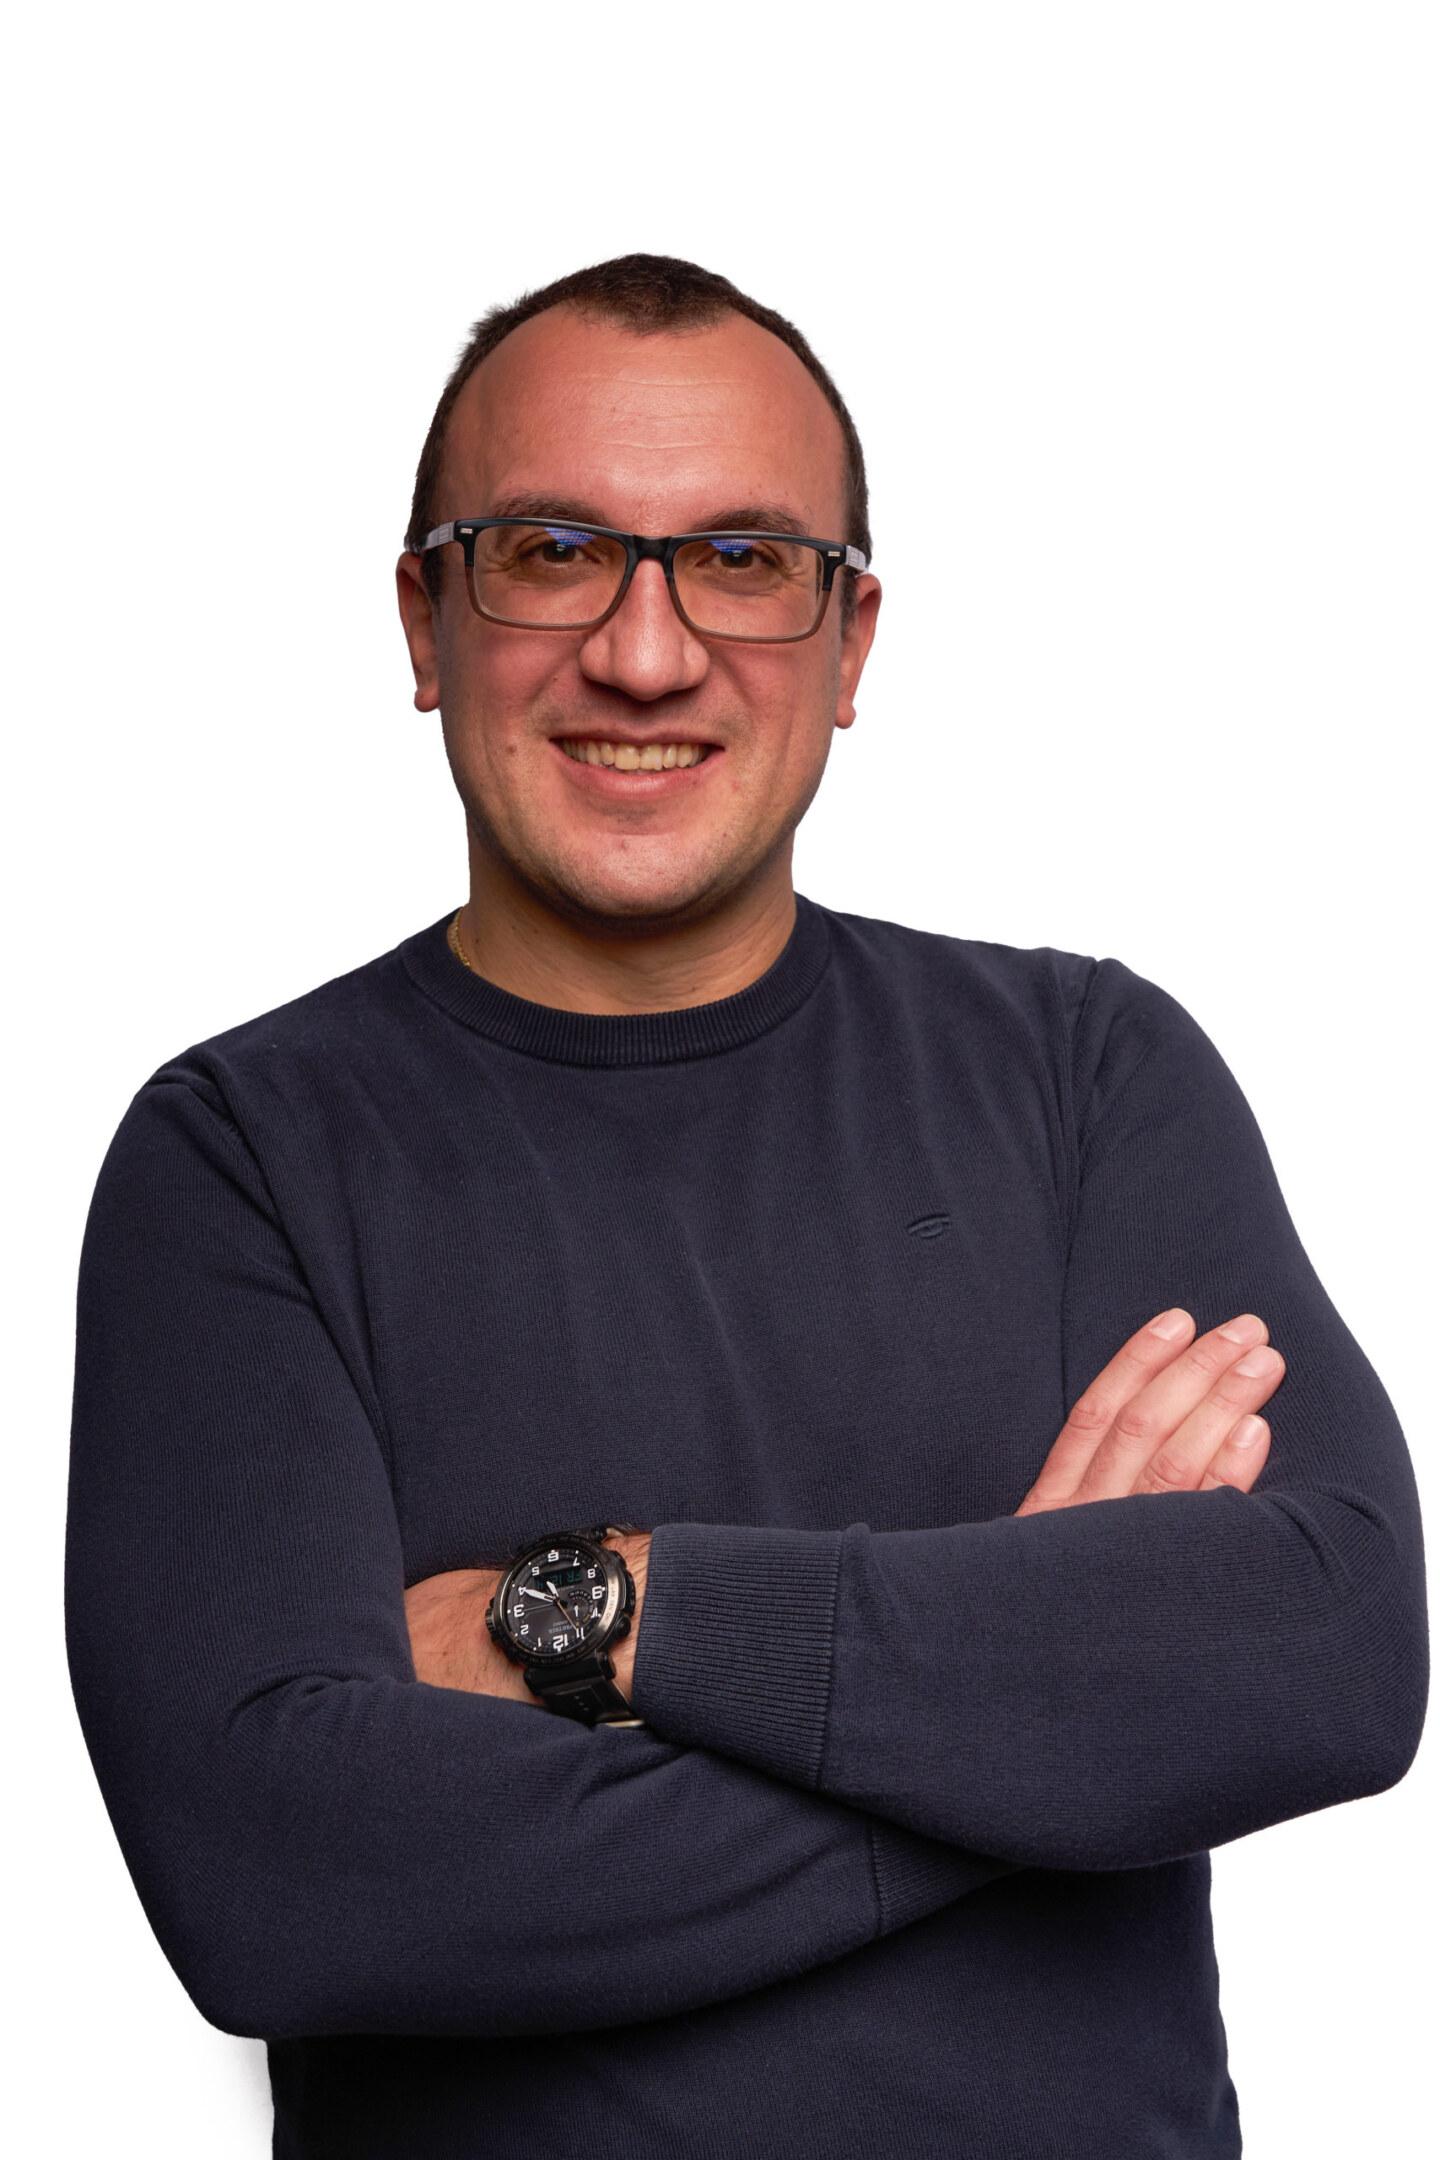 Valeri Stoychev